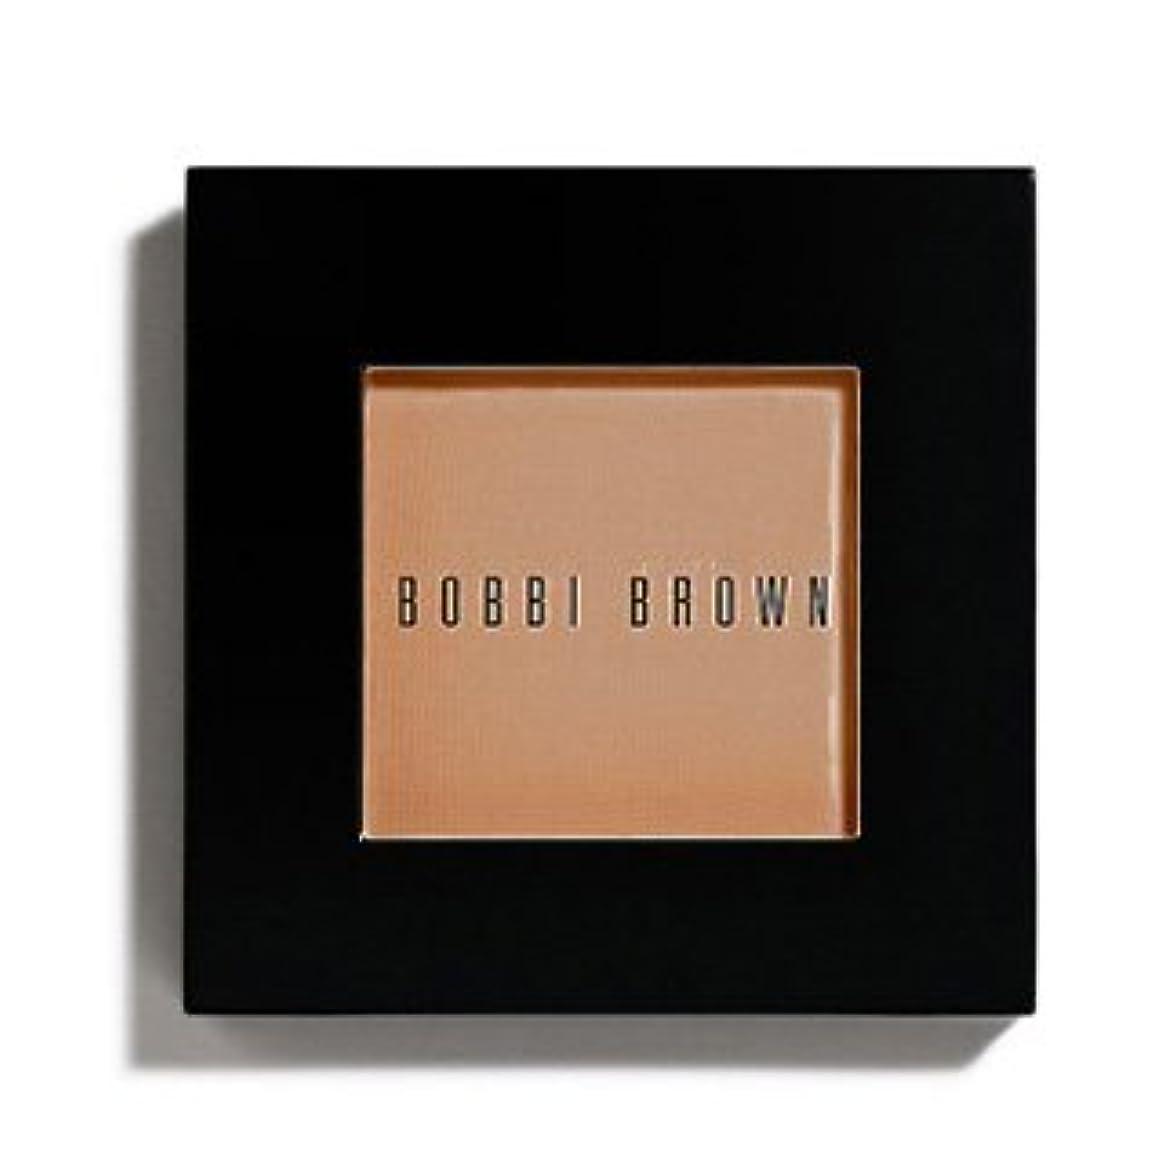 静かに空港感謝祭BOBBI BROWN ボビイ ブラウン アイシャドウ #14 Toast 2.5g [並行輸入品]